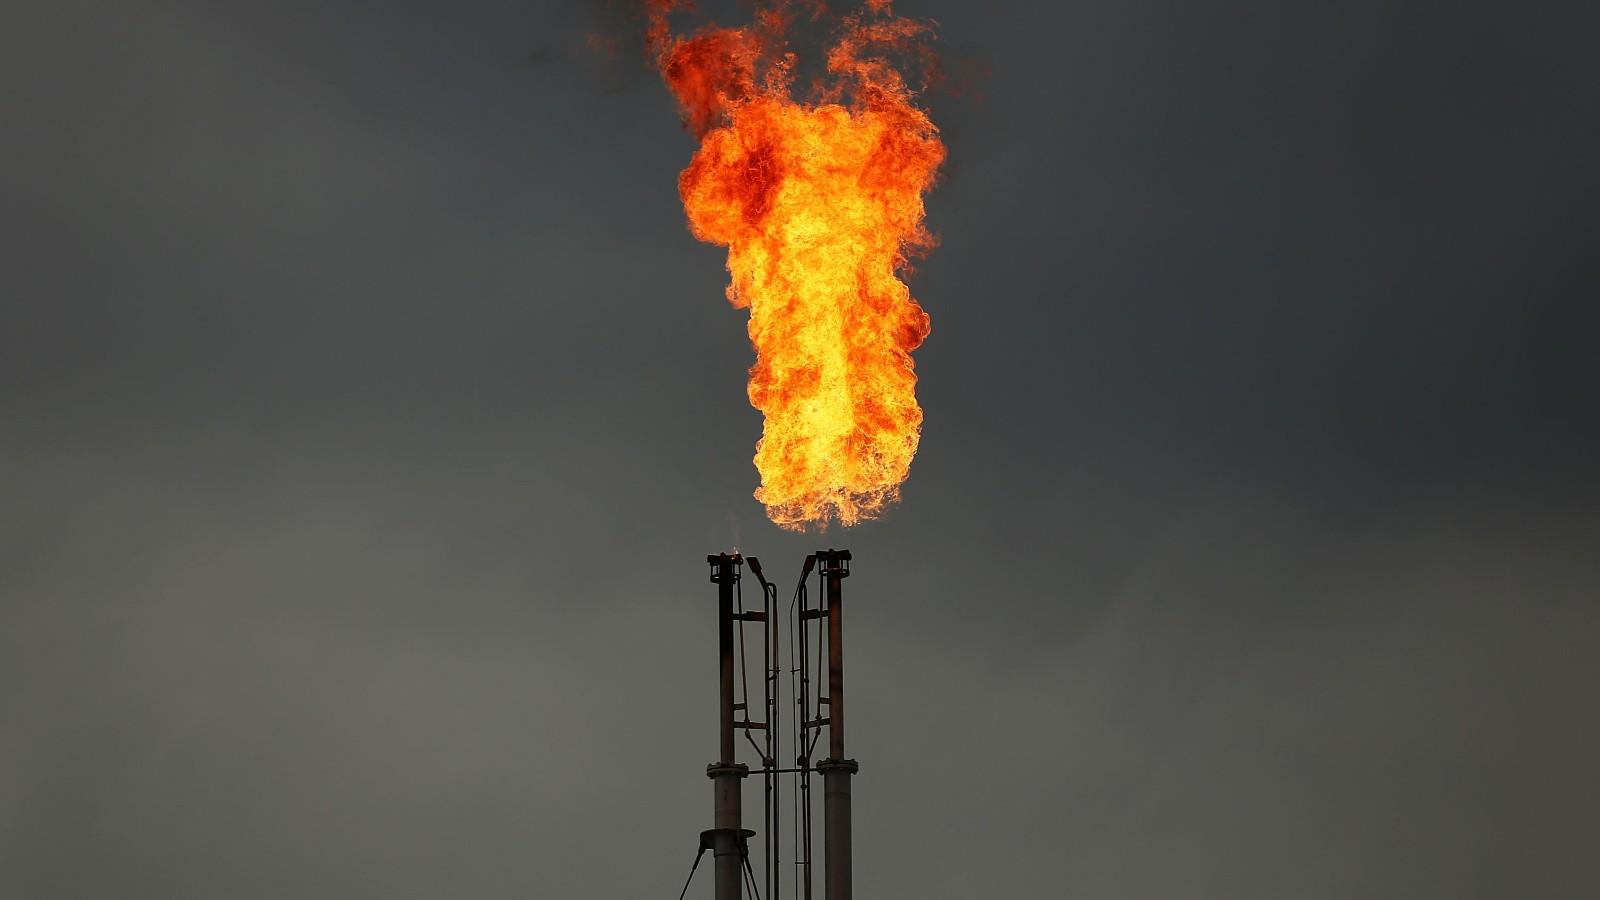 La Producción De Petróleo Y Gas Contribuyen Más Al Calentamiento Global De Lo Que Se Creía Revela Estudio Cnn